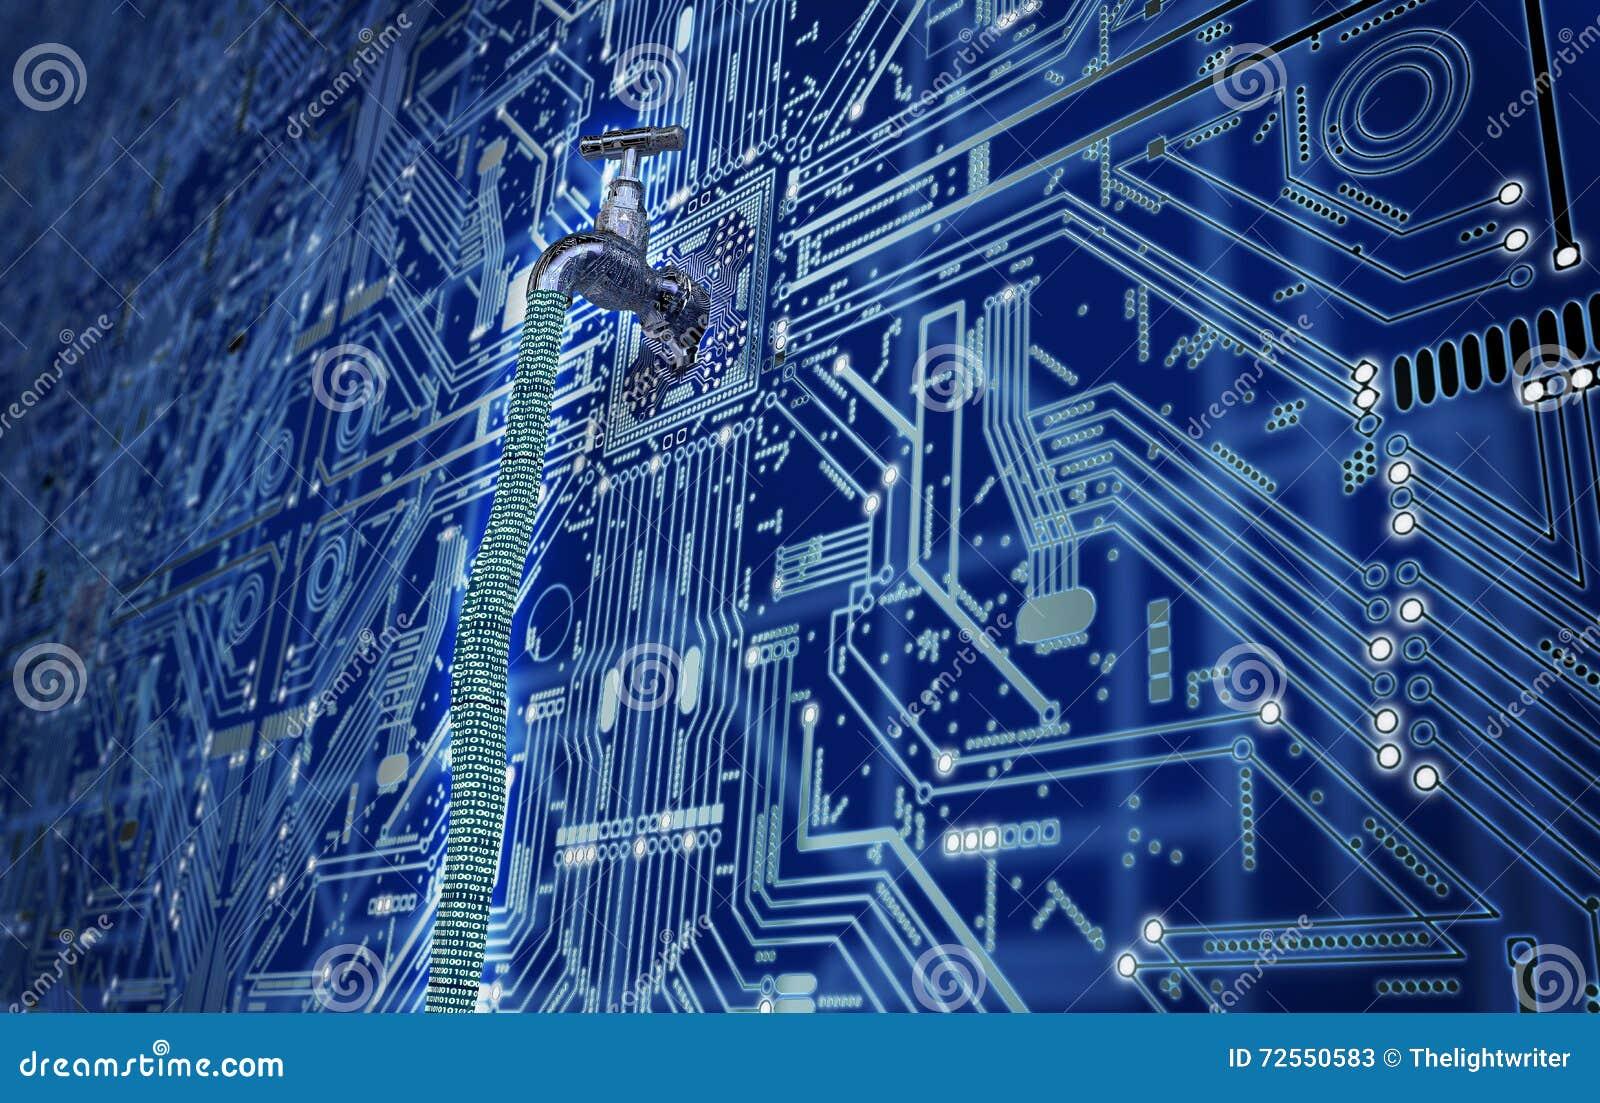 Concept lekke software, gegevens met een kraan die uit plakken